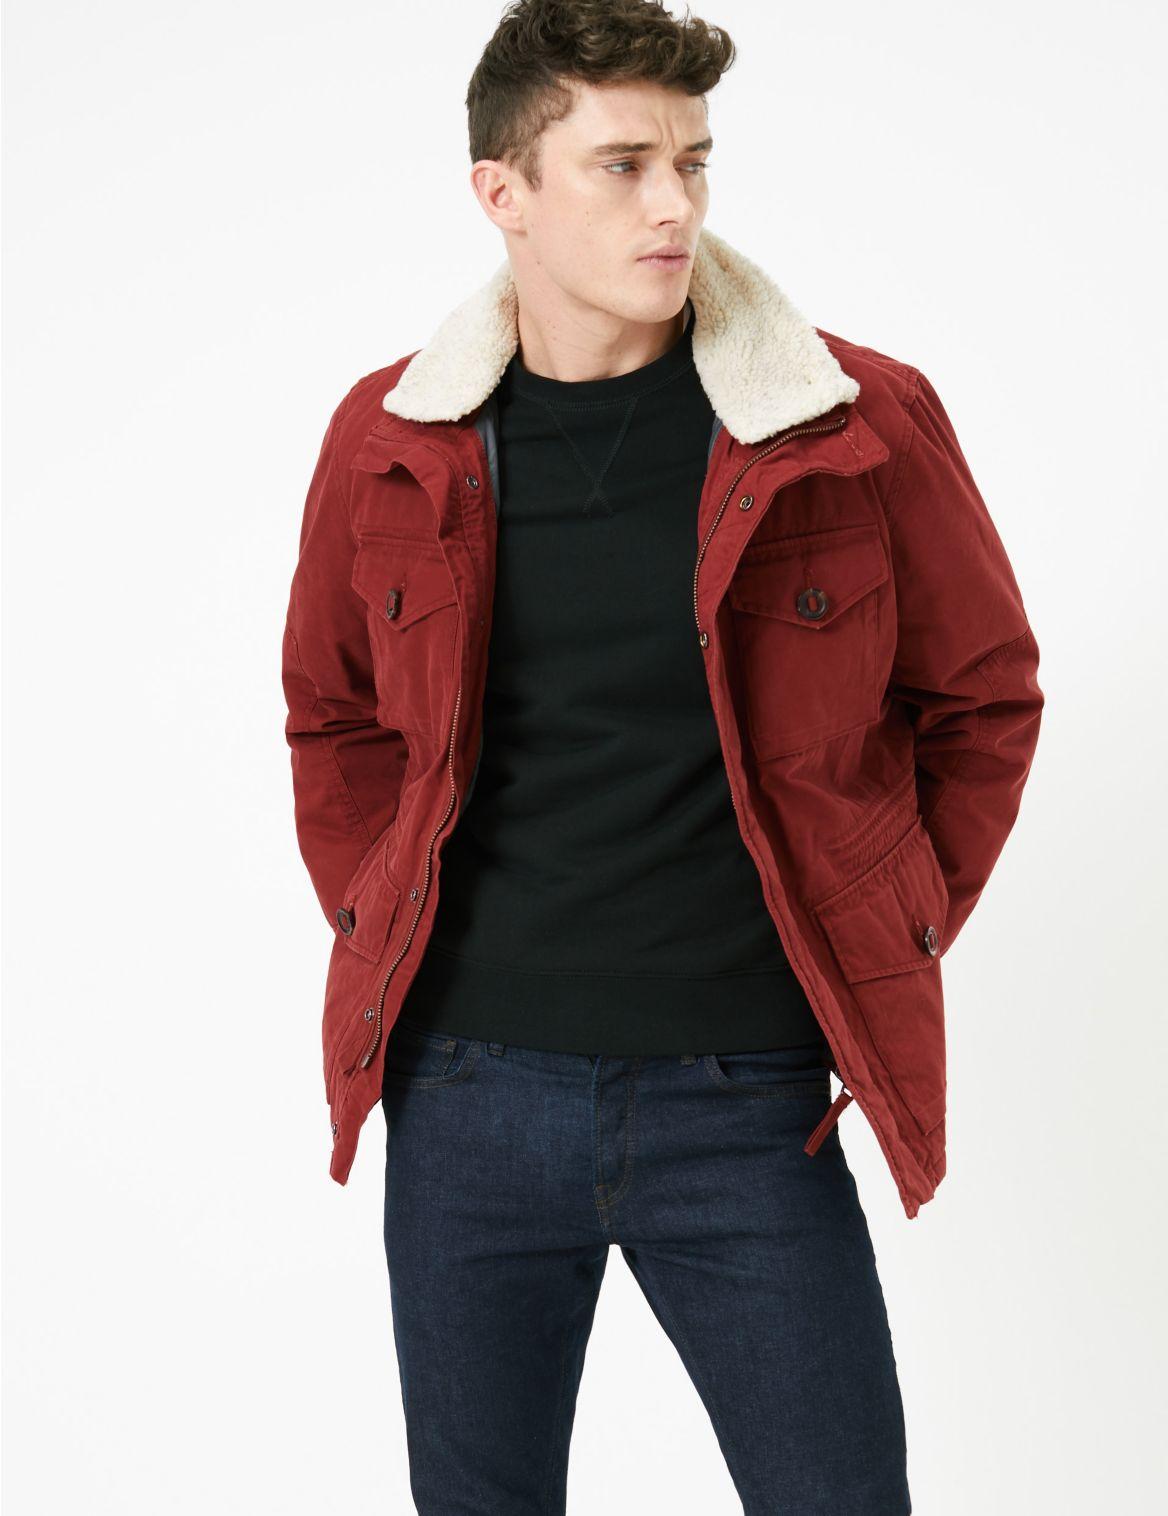 Veste en coton avec doublure imitation peau de mouton